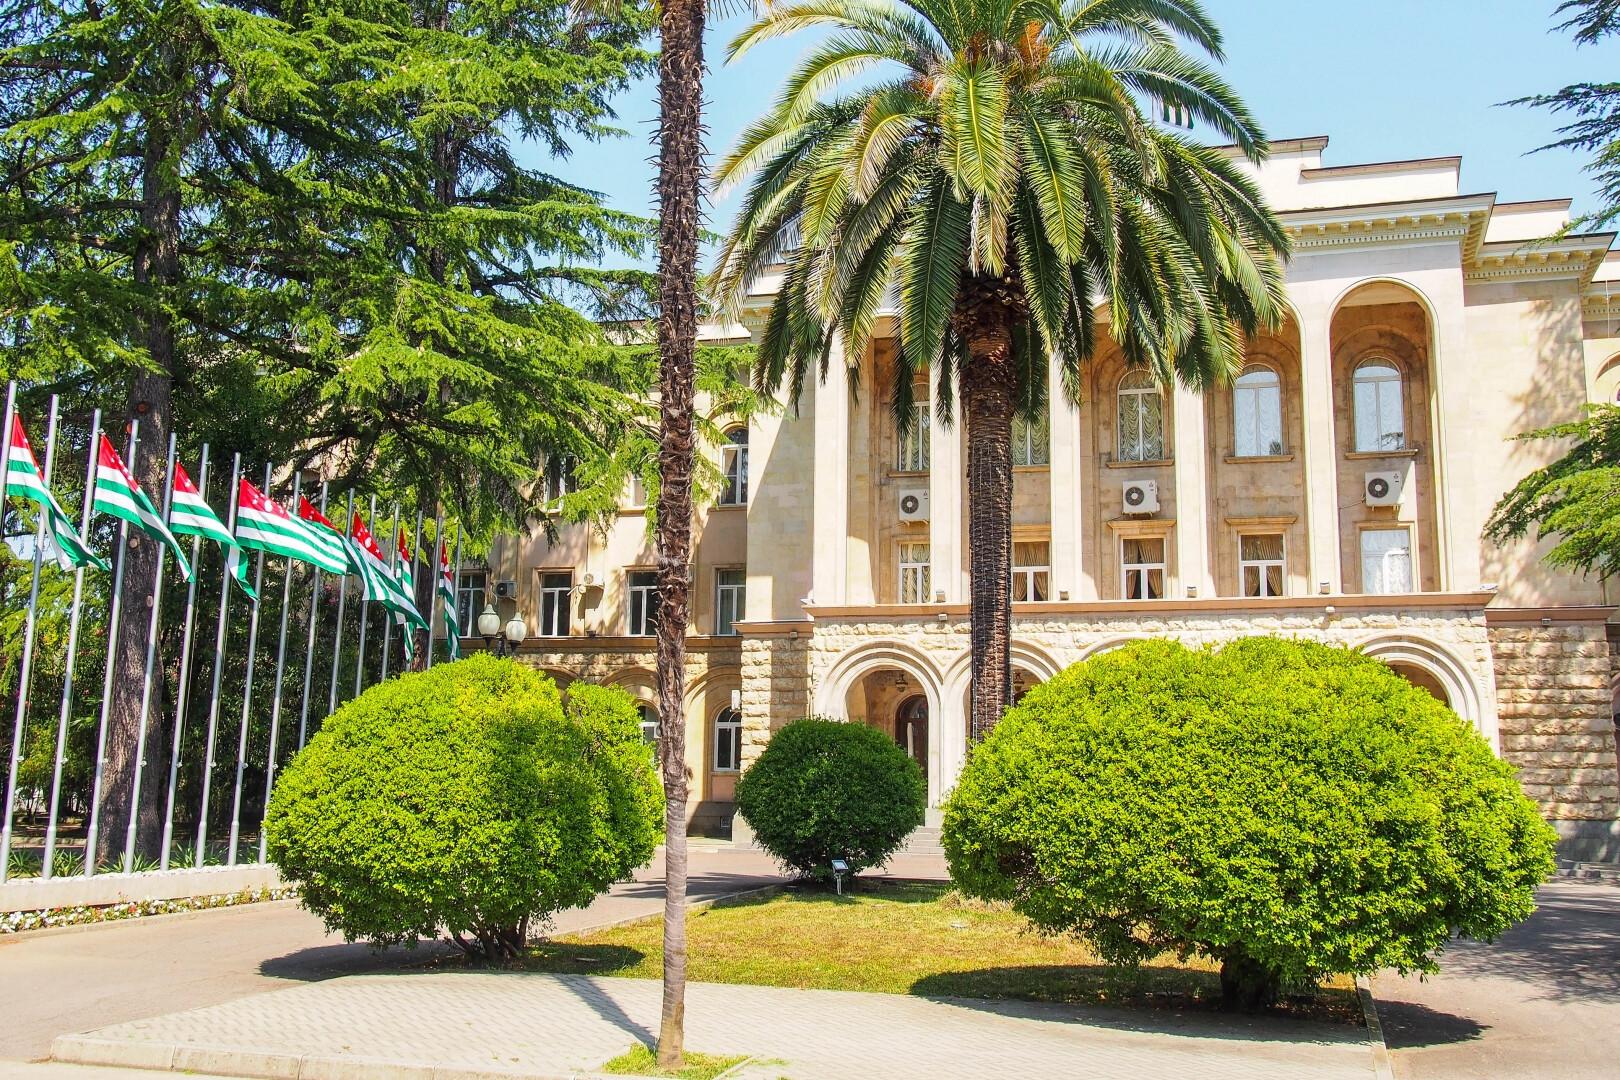 Президент Абхазии Аслан Бжания прервал рабочую поездку в Москву и вернулся в Абхазию.